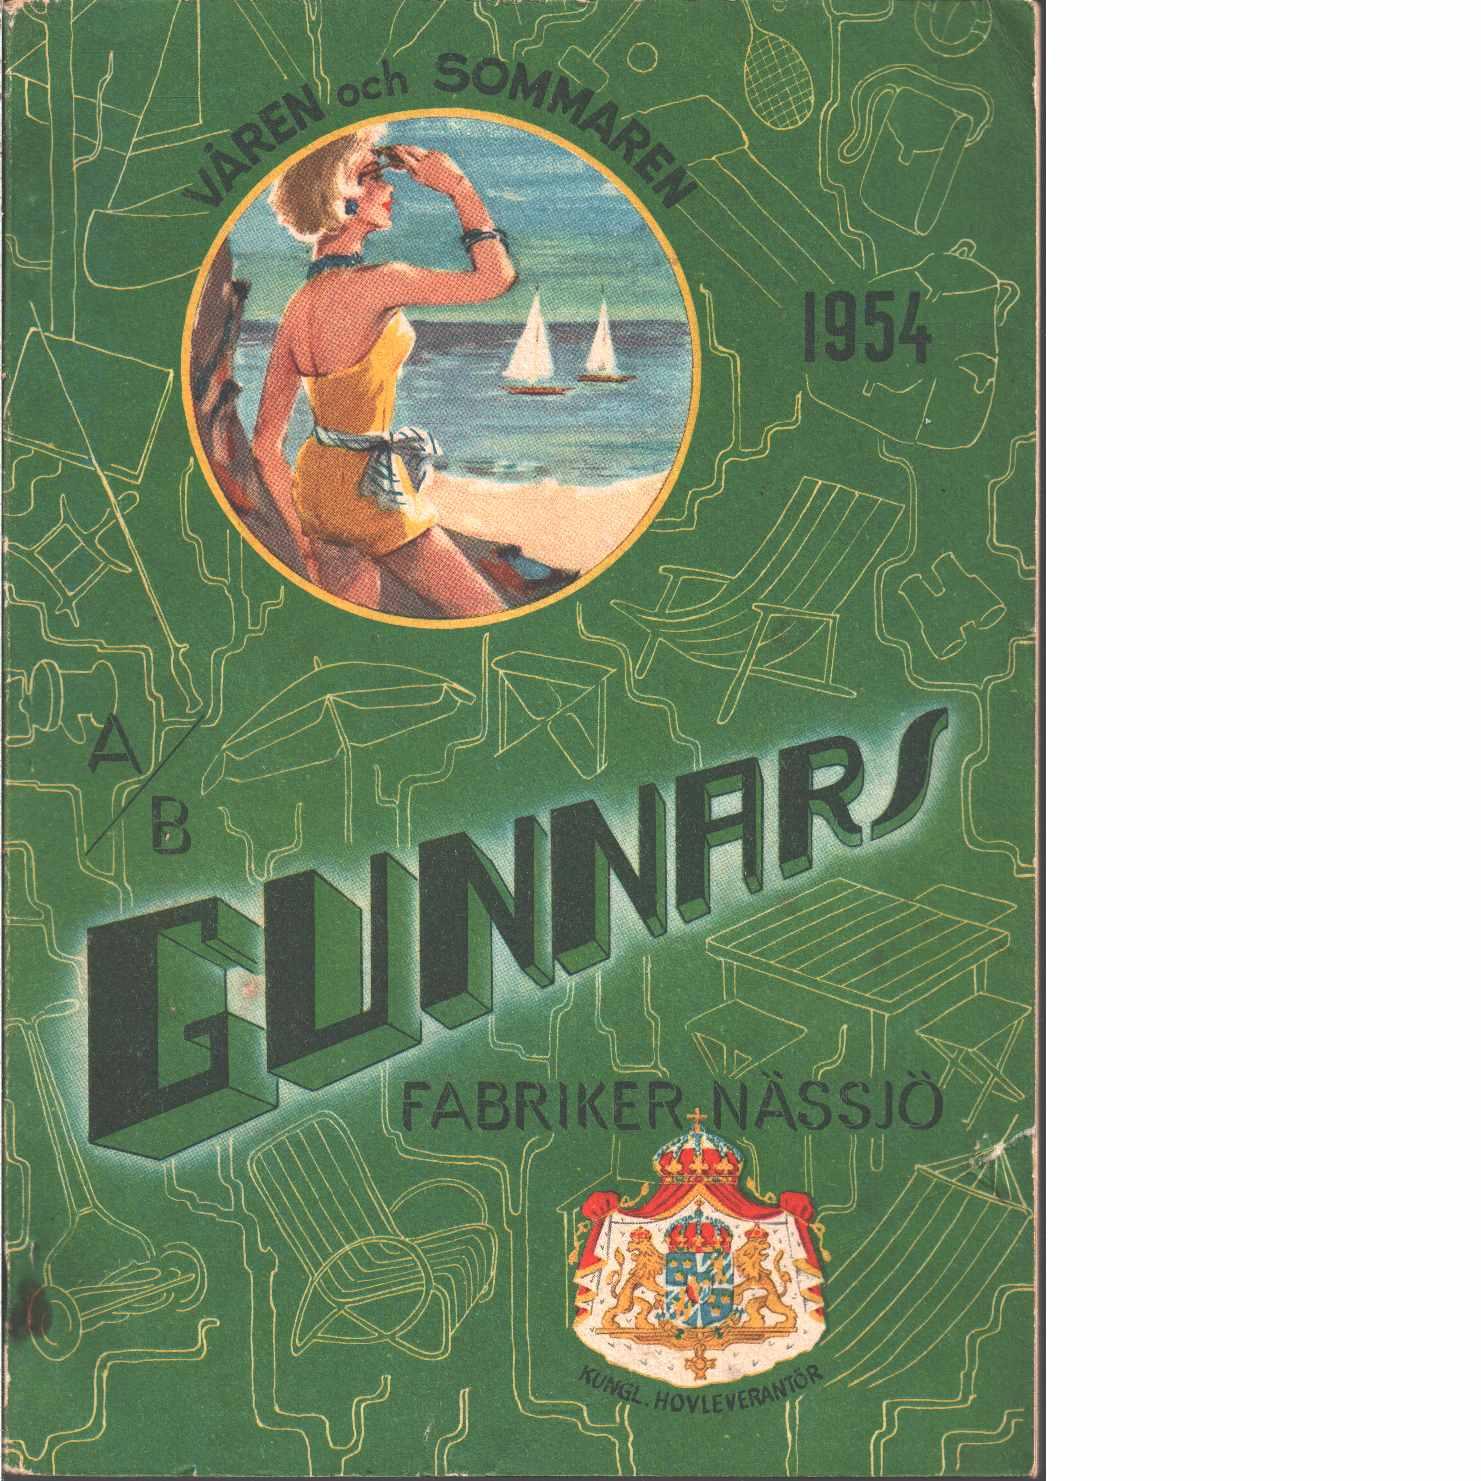 Gunnars fabriker Nässjö våren och sommaren 1954 - Red.